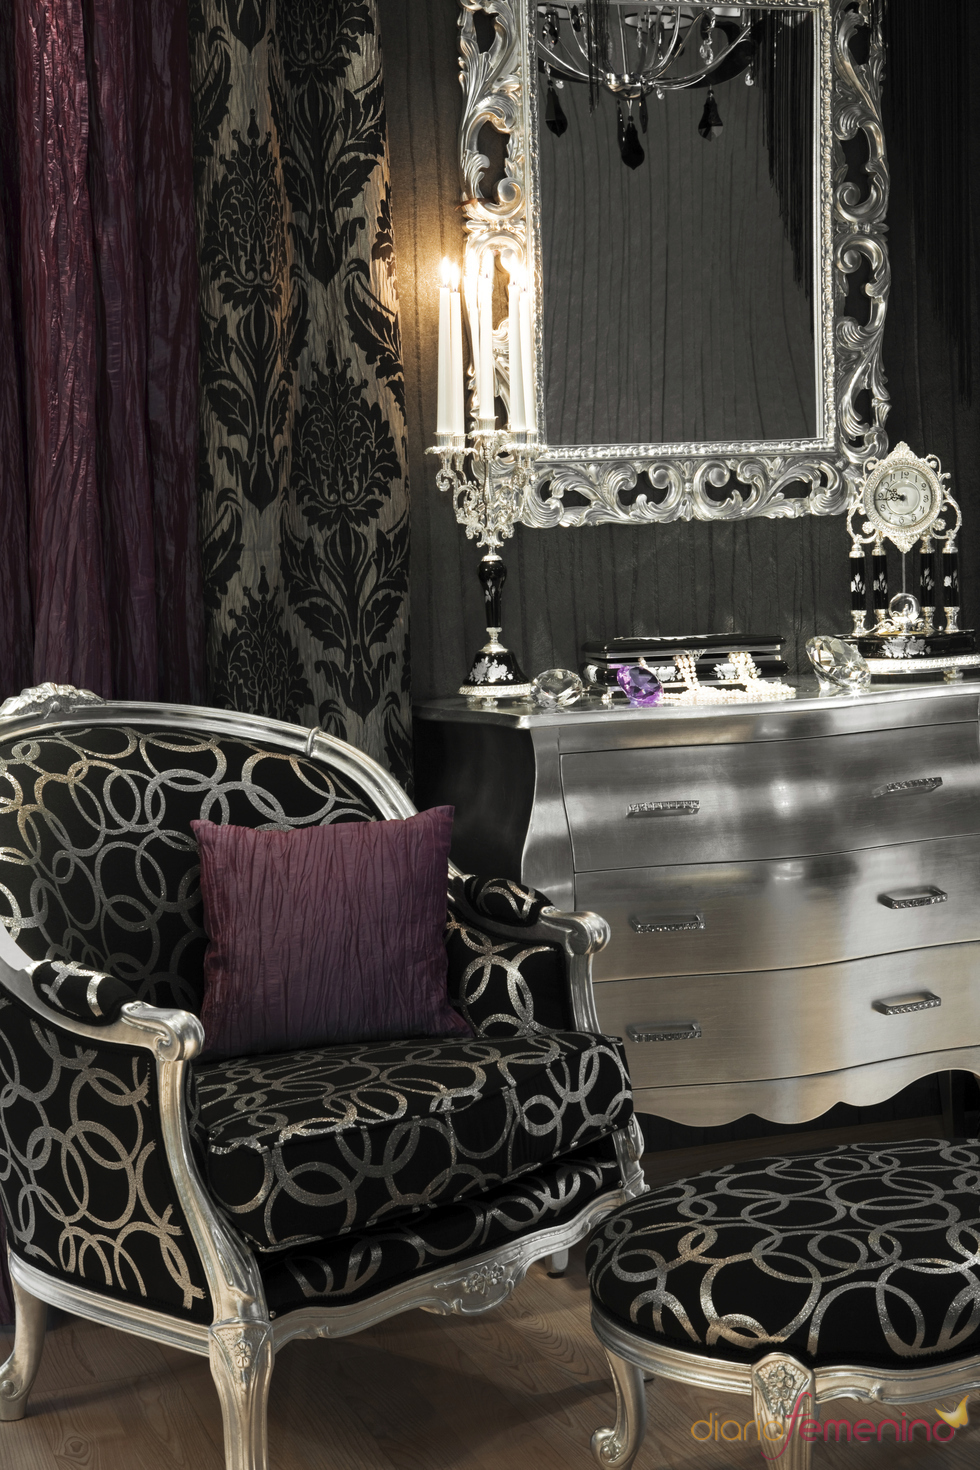 Decoracion vintage en tonos plateados negros y morados - Decoracion hogar vintage ...